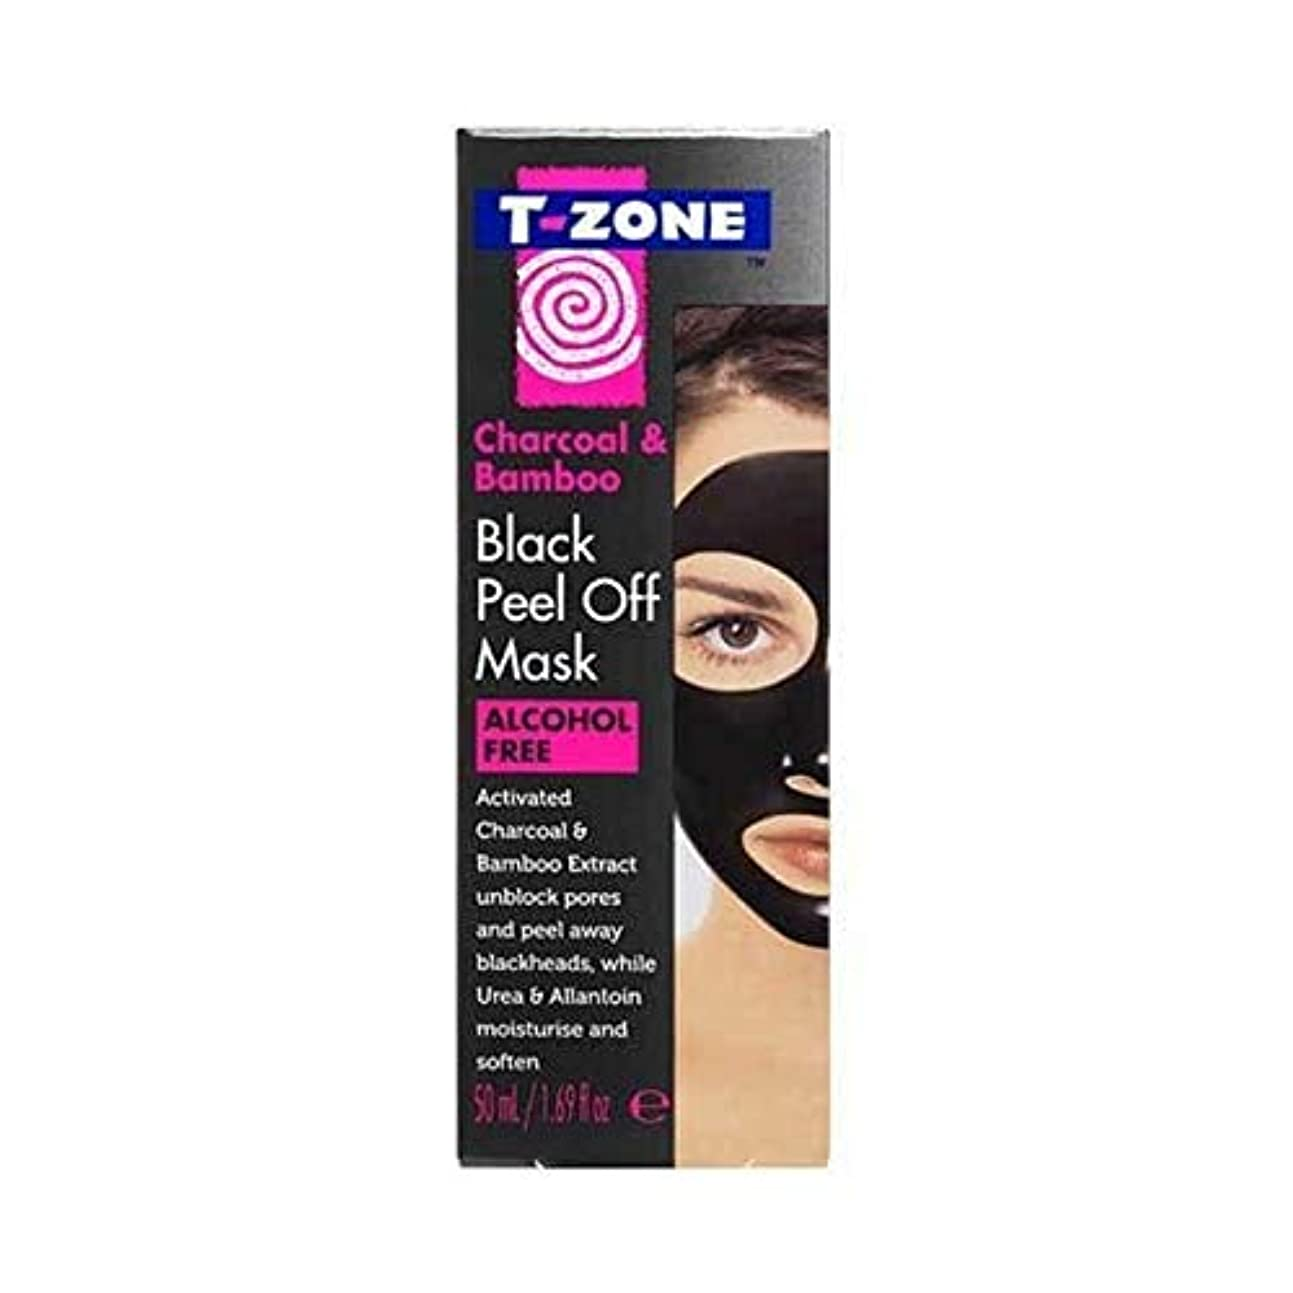 輝くハングローラー[T-Zone] Tゾーン木炭&竹ブラックマスク50ミリリットルを剥がし - T-Zone Charcoal & Bamboo Black Peel Off Mask 50ml [並行輸入品]